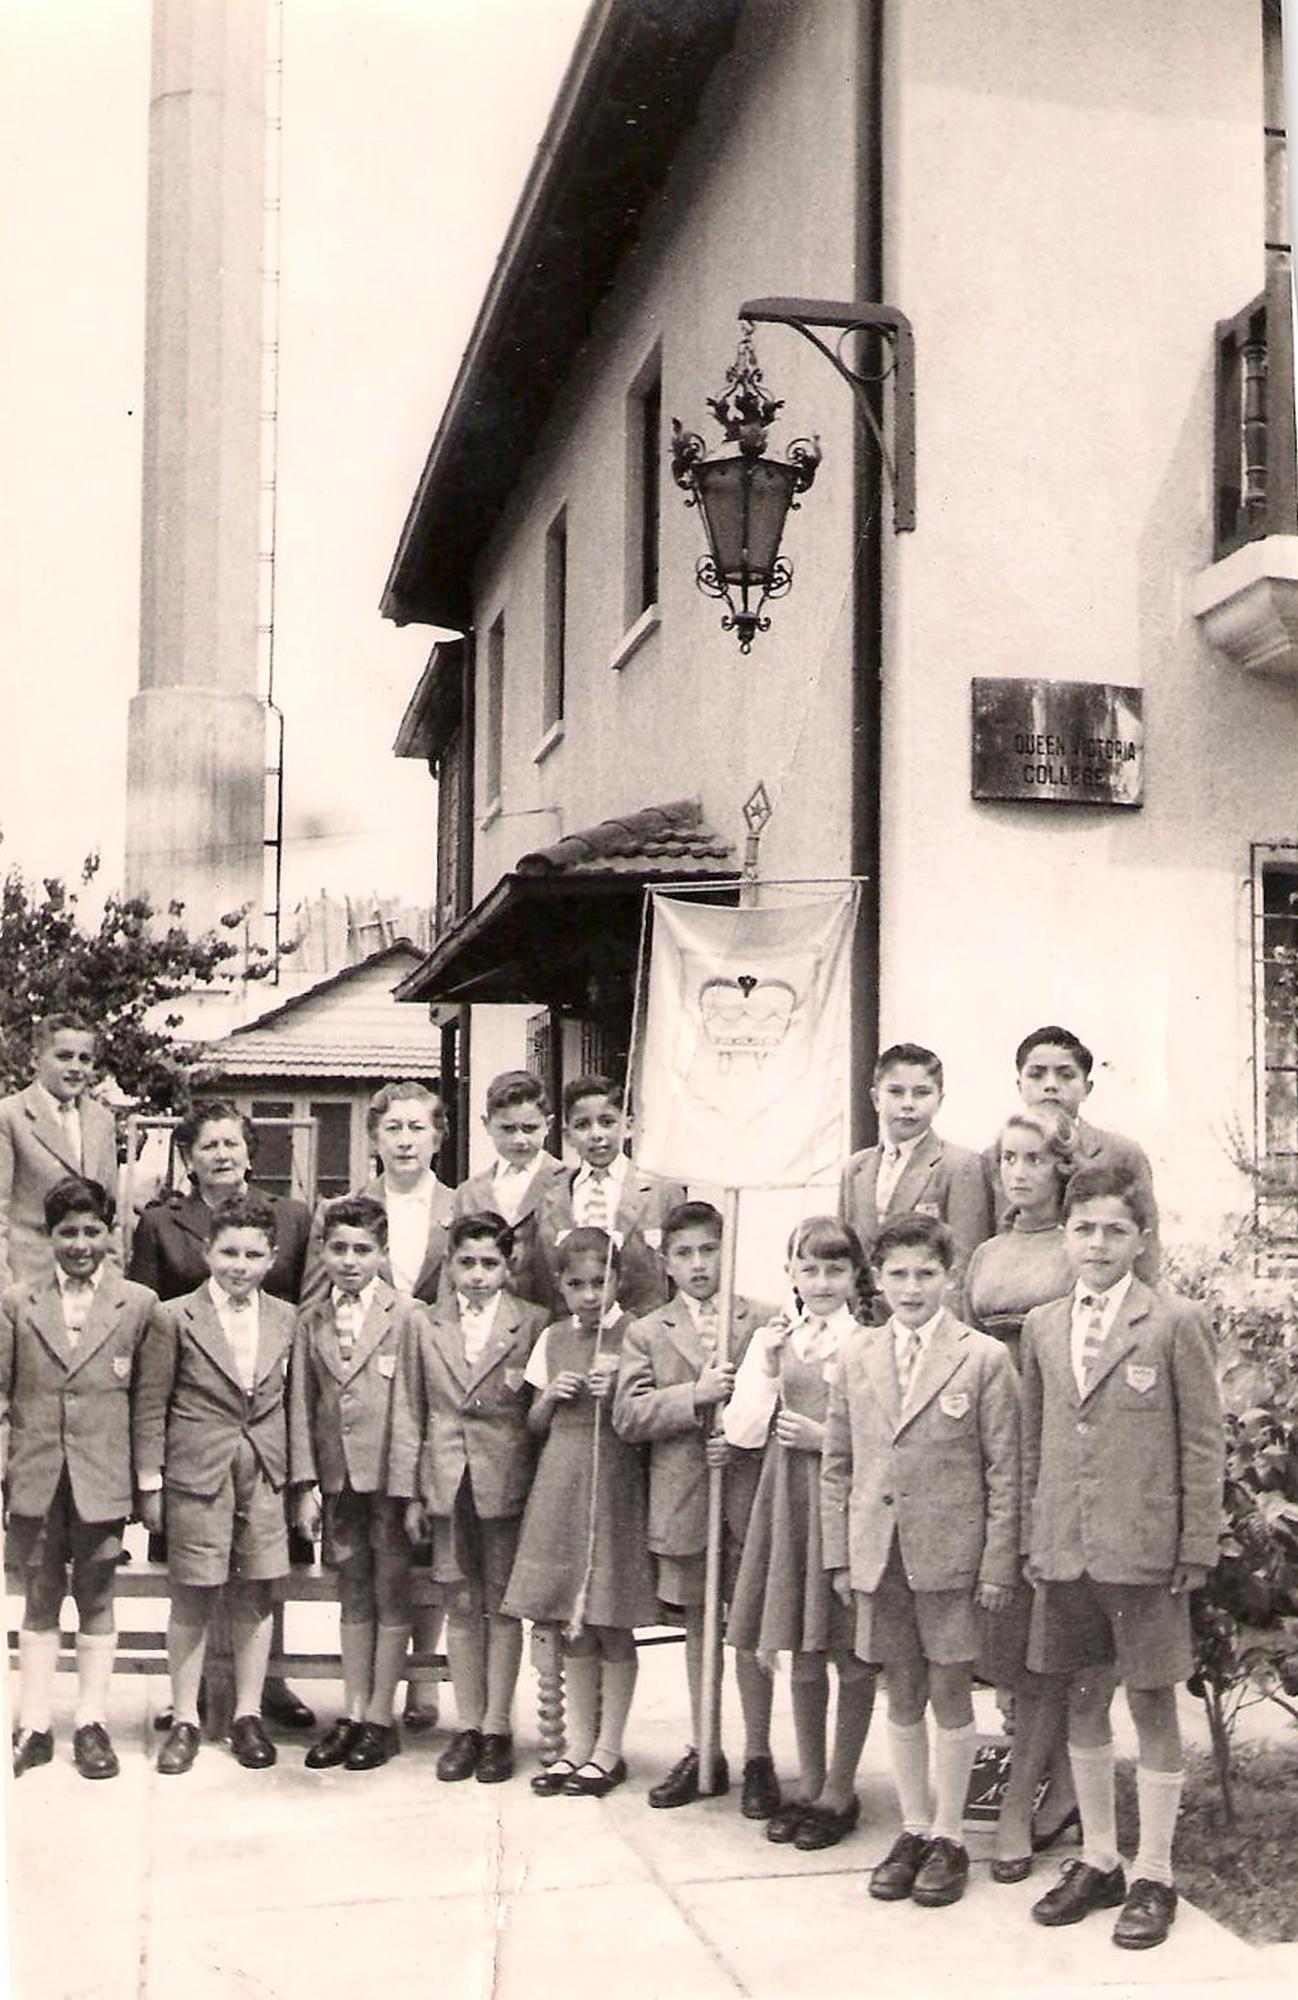 Enterreno - Fotos históricas de chile - fotos antiguas de Chile - Queen Victoria College Viña del Mar 1954